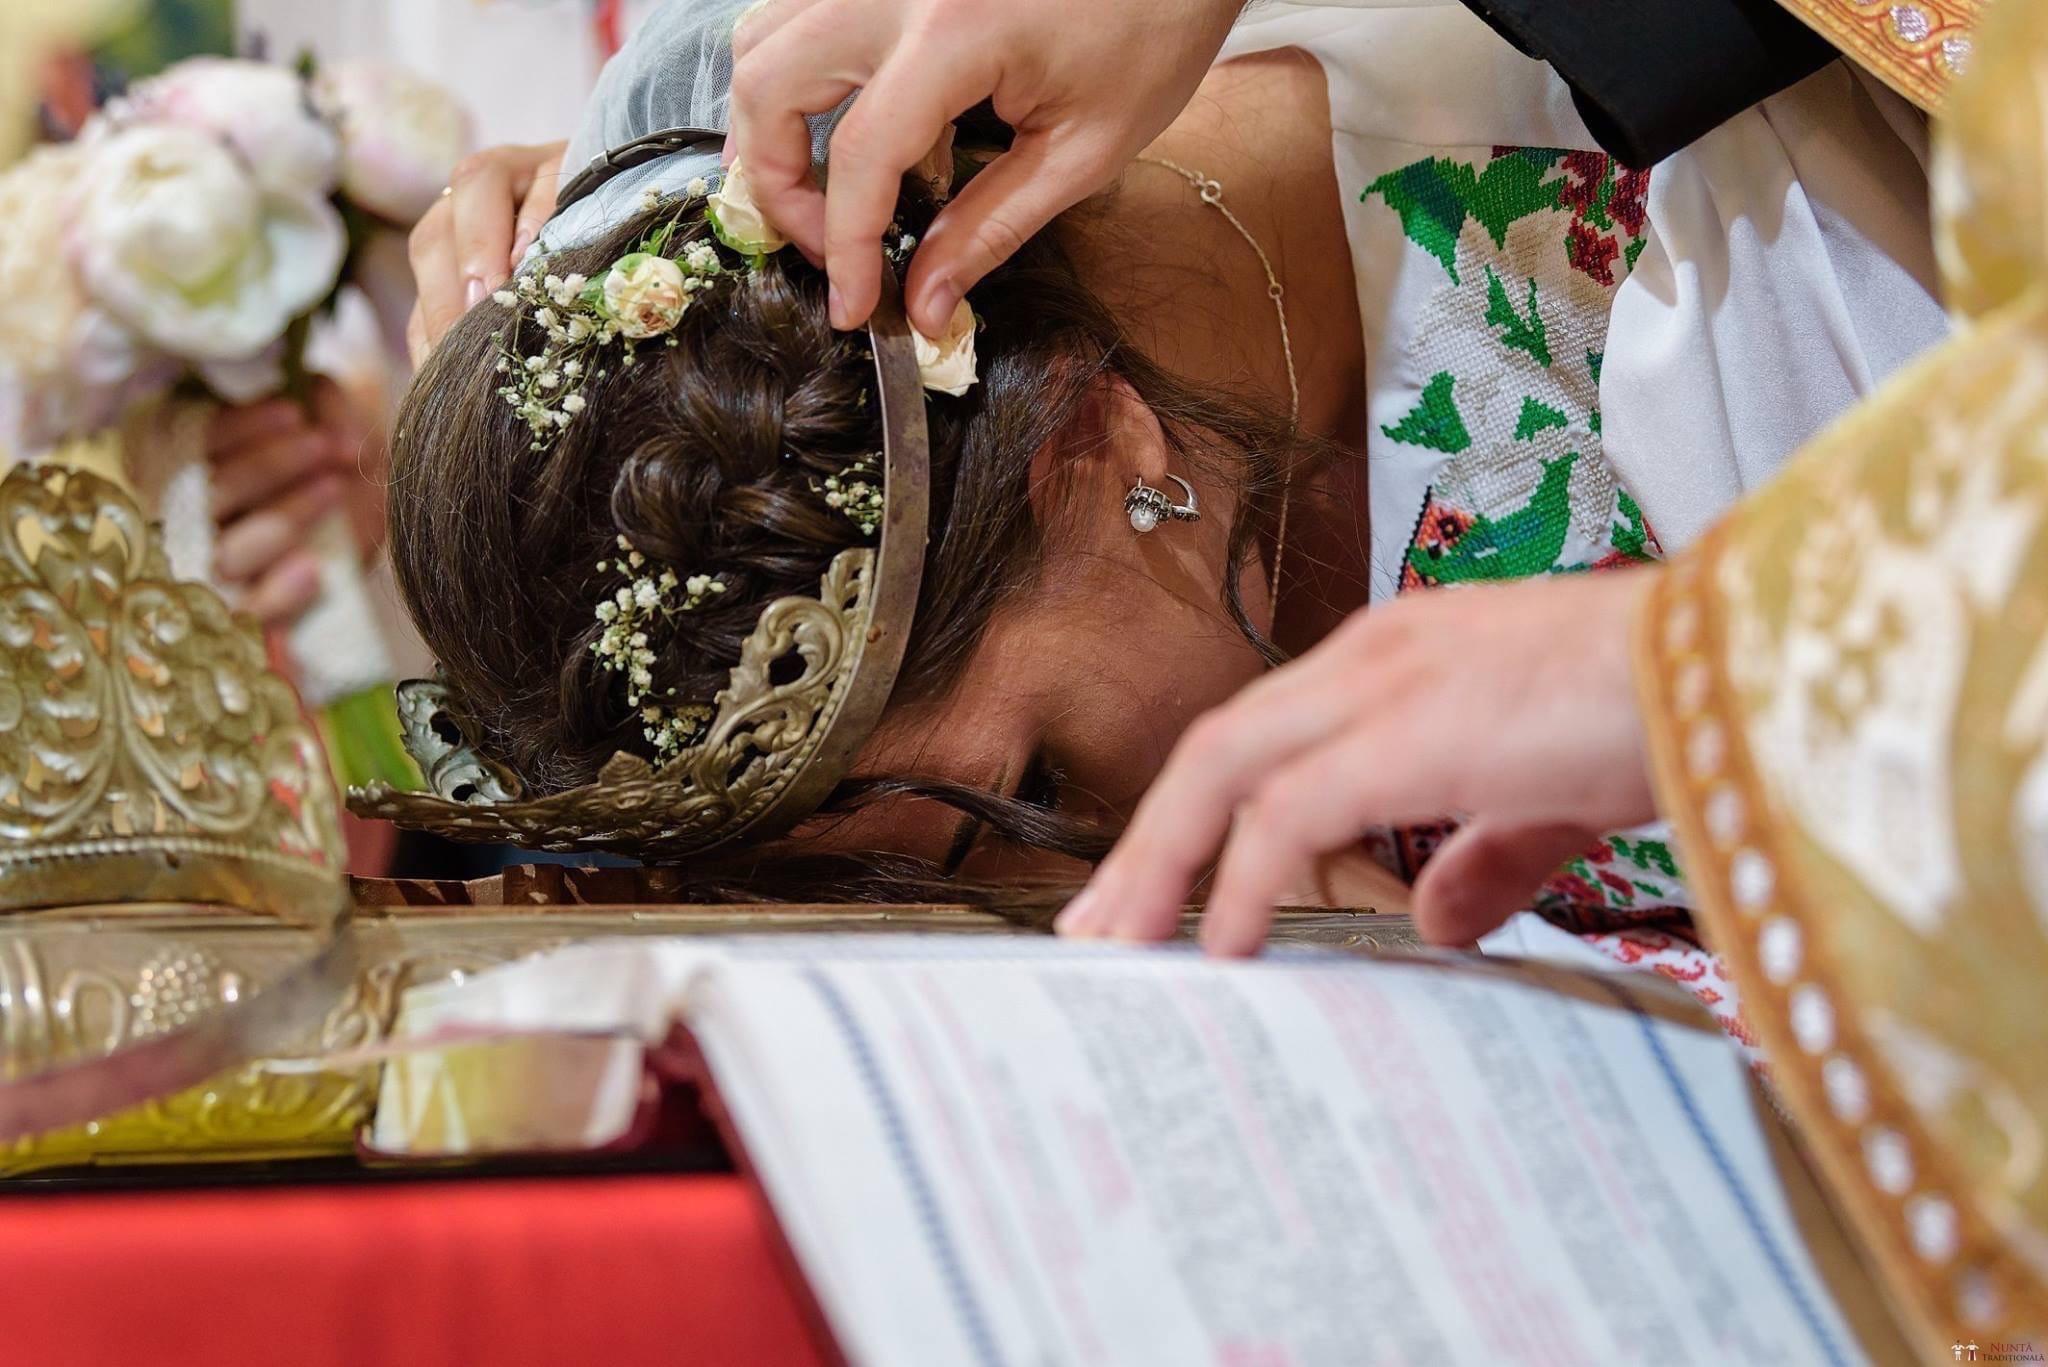 Povești Nunți Tradiționale - Daniela și Cristian, nuntă tradițională în Slobozia, Giurgiu 48